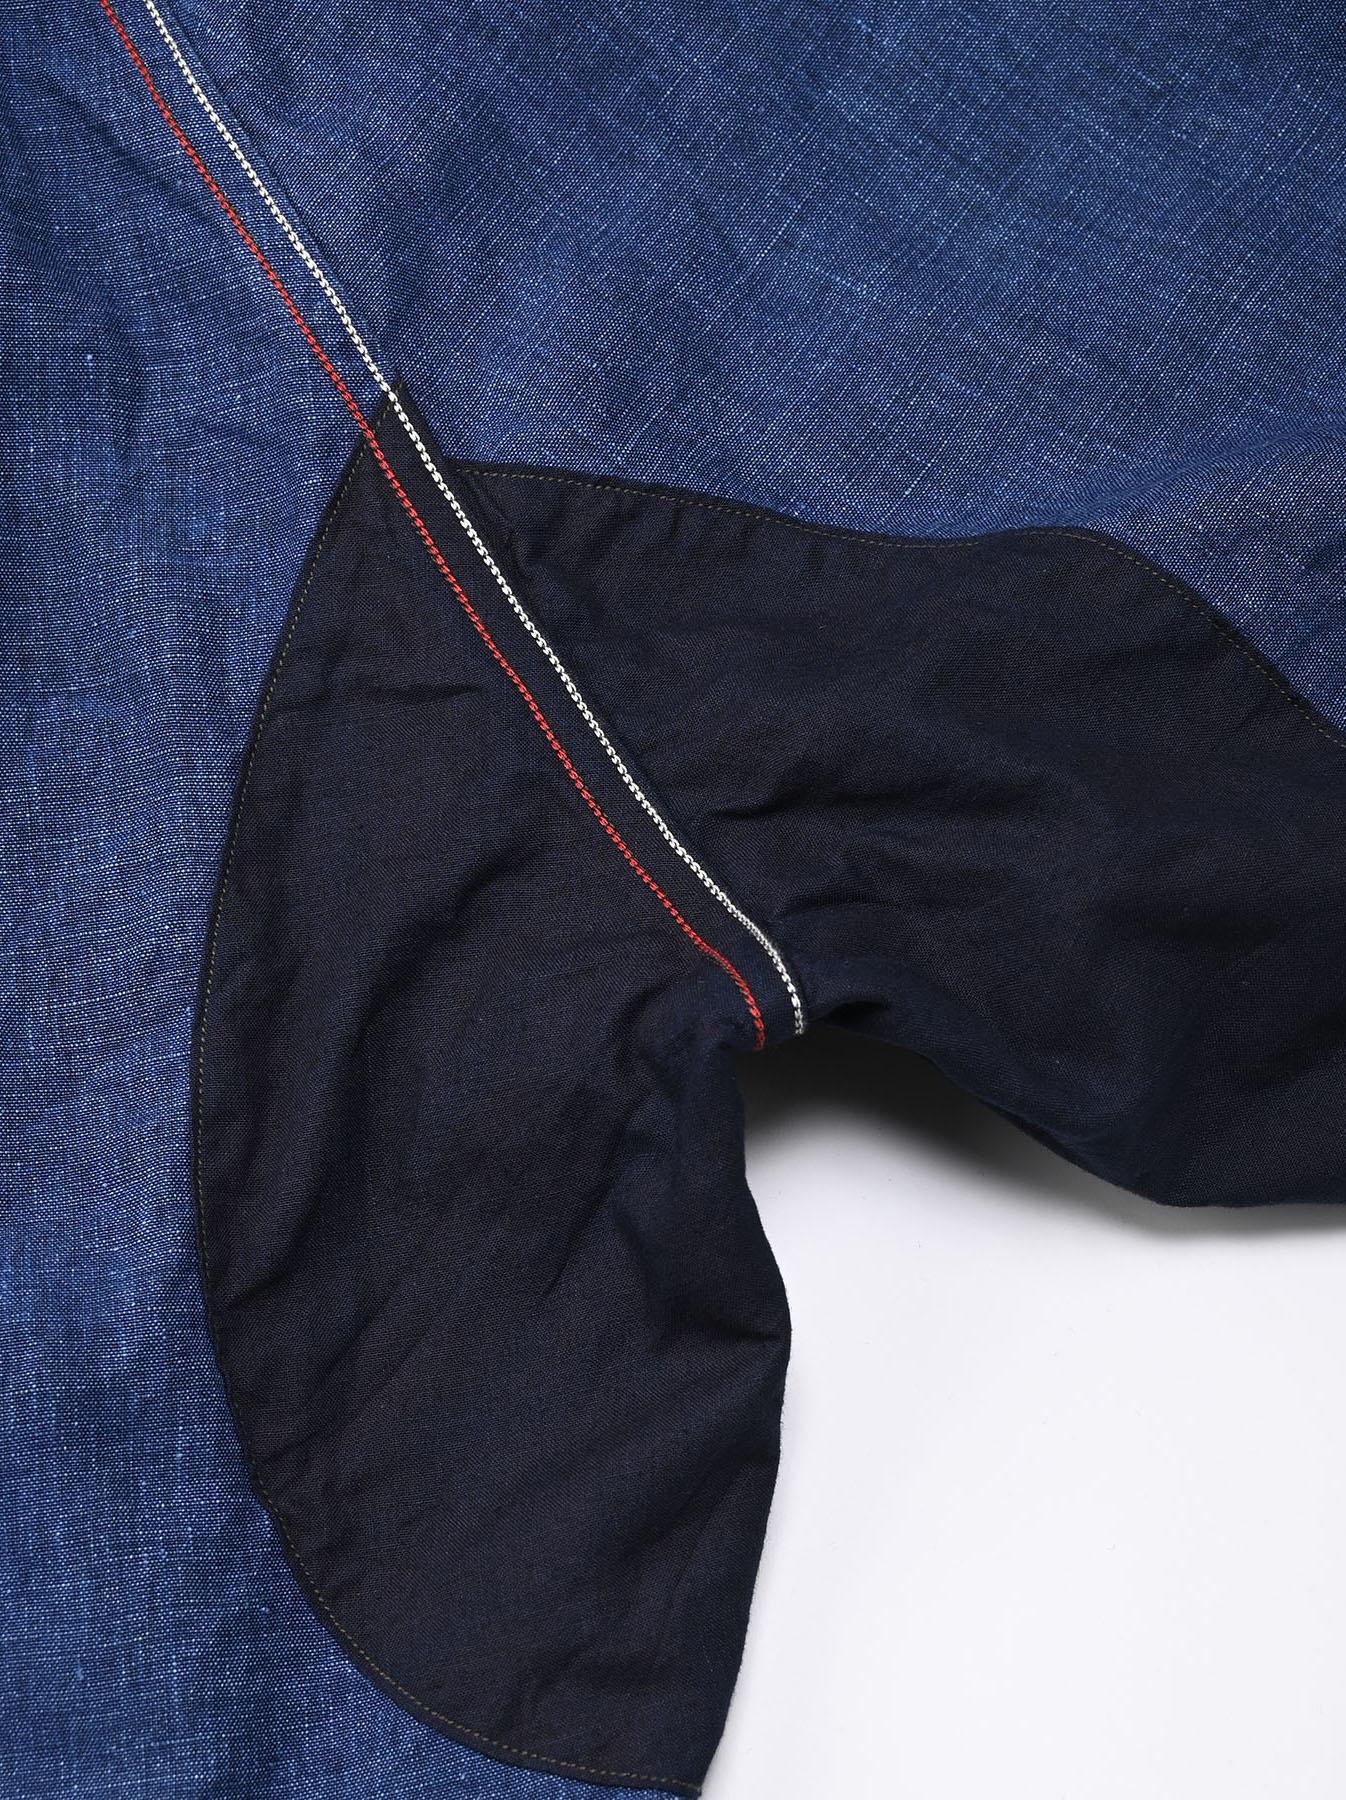 Indigo Nou Linen 908 Easy Sail Shorts (0721)-12